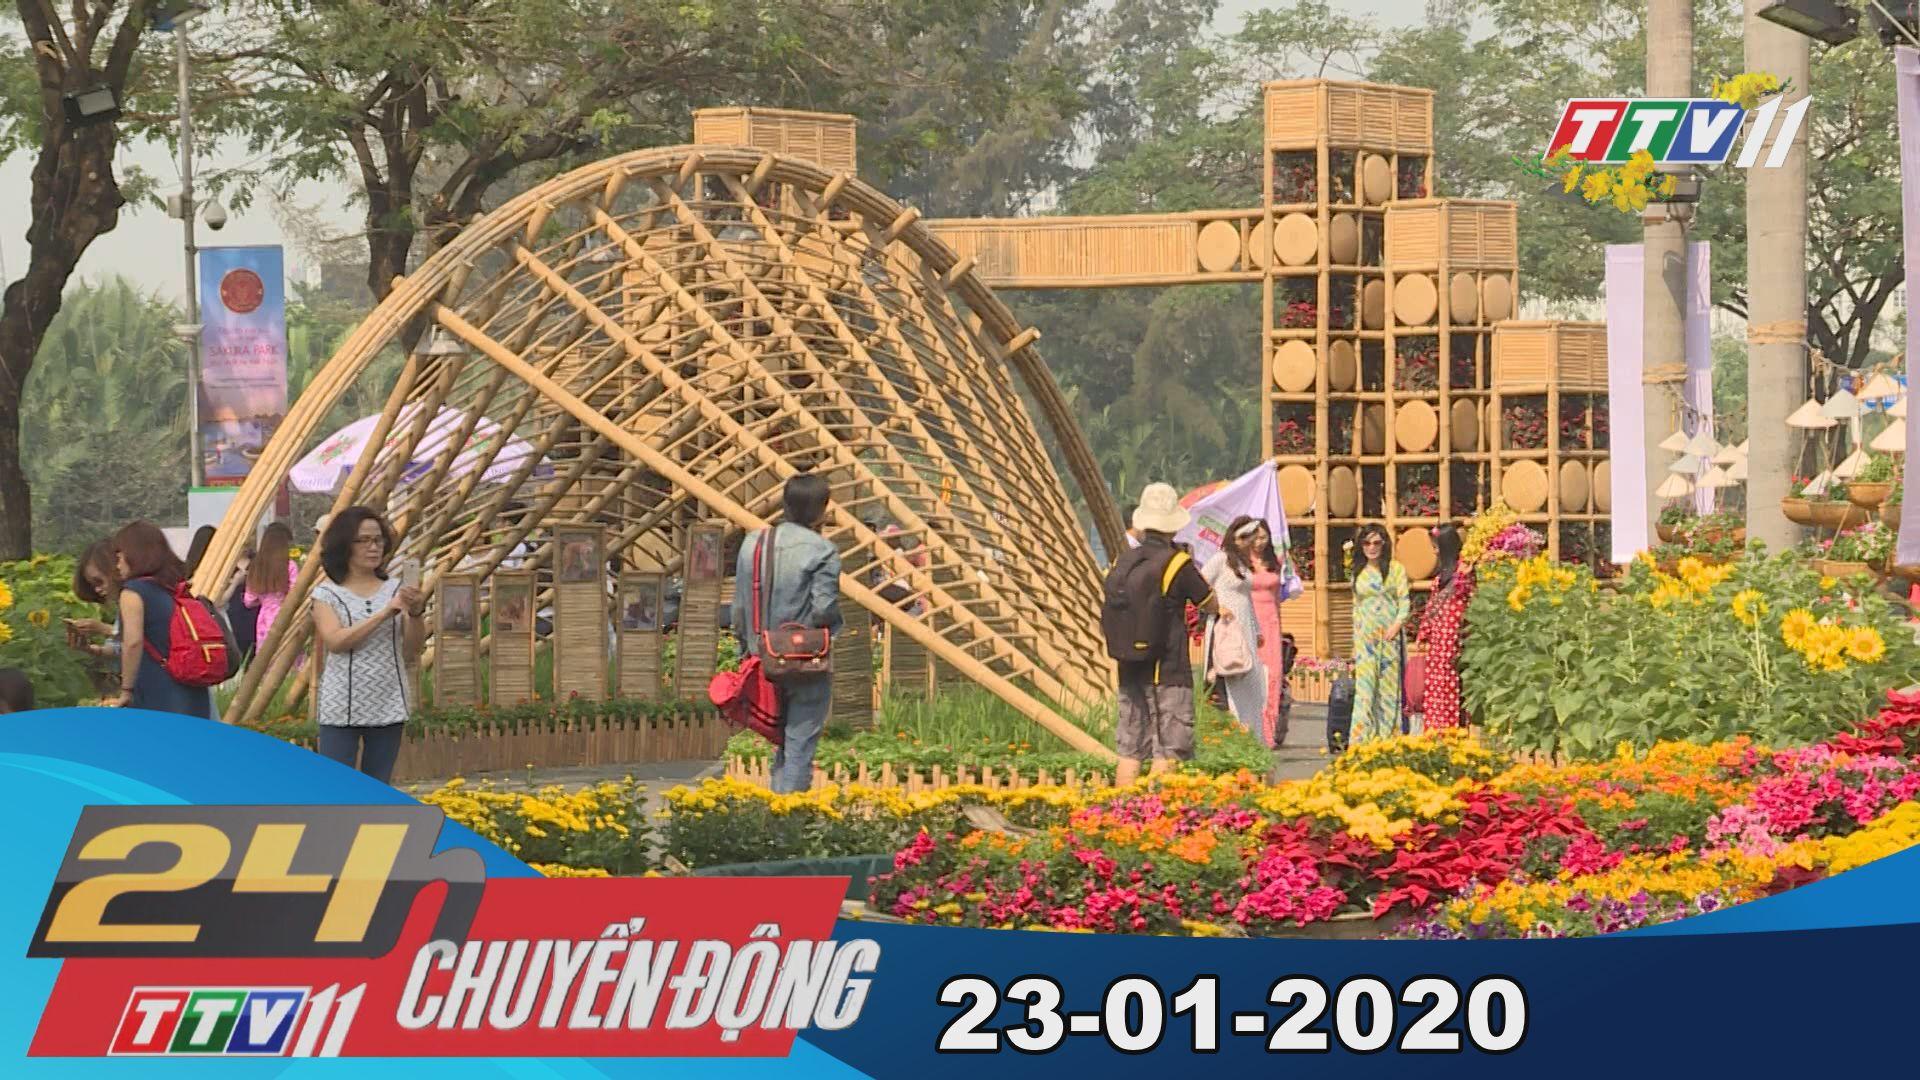 24h Chuyển động 23-01-2020 | Tin tức hôm nay | TayNinhTV